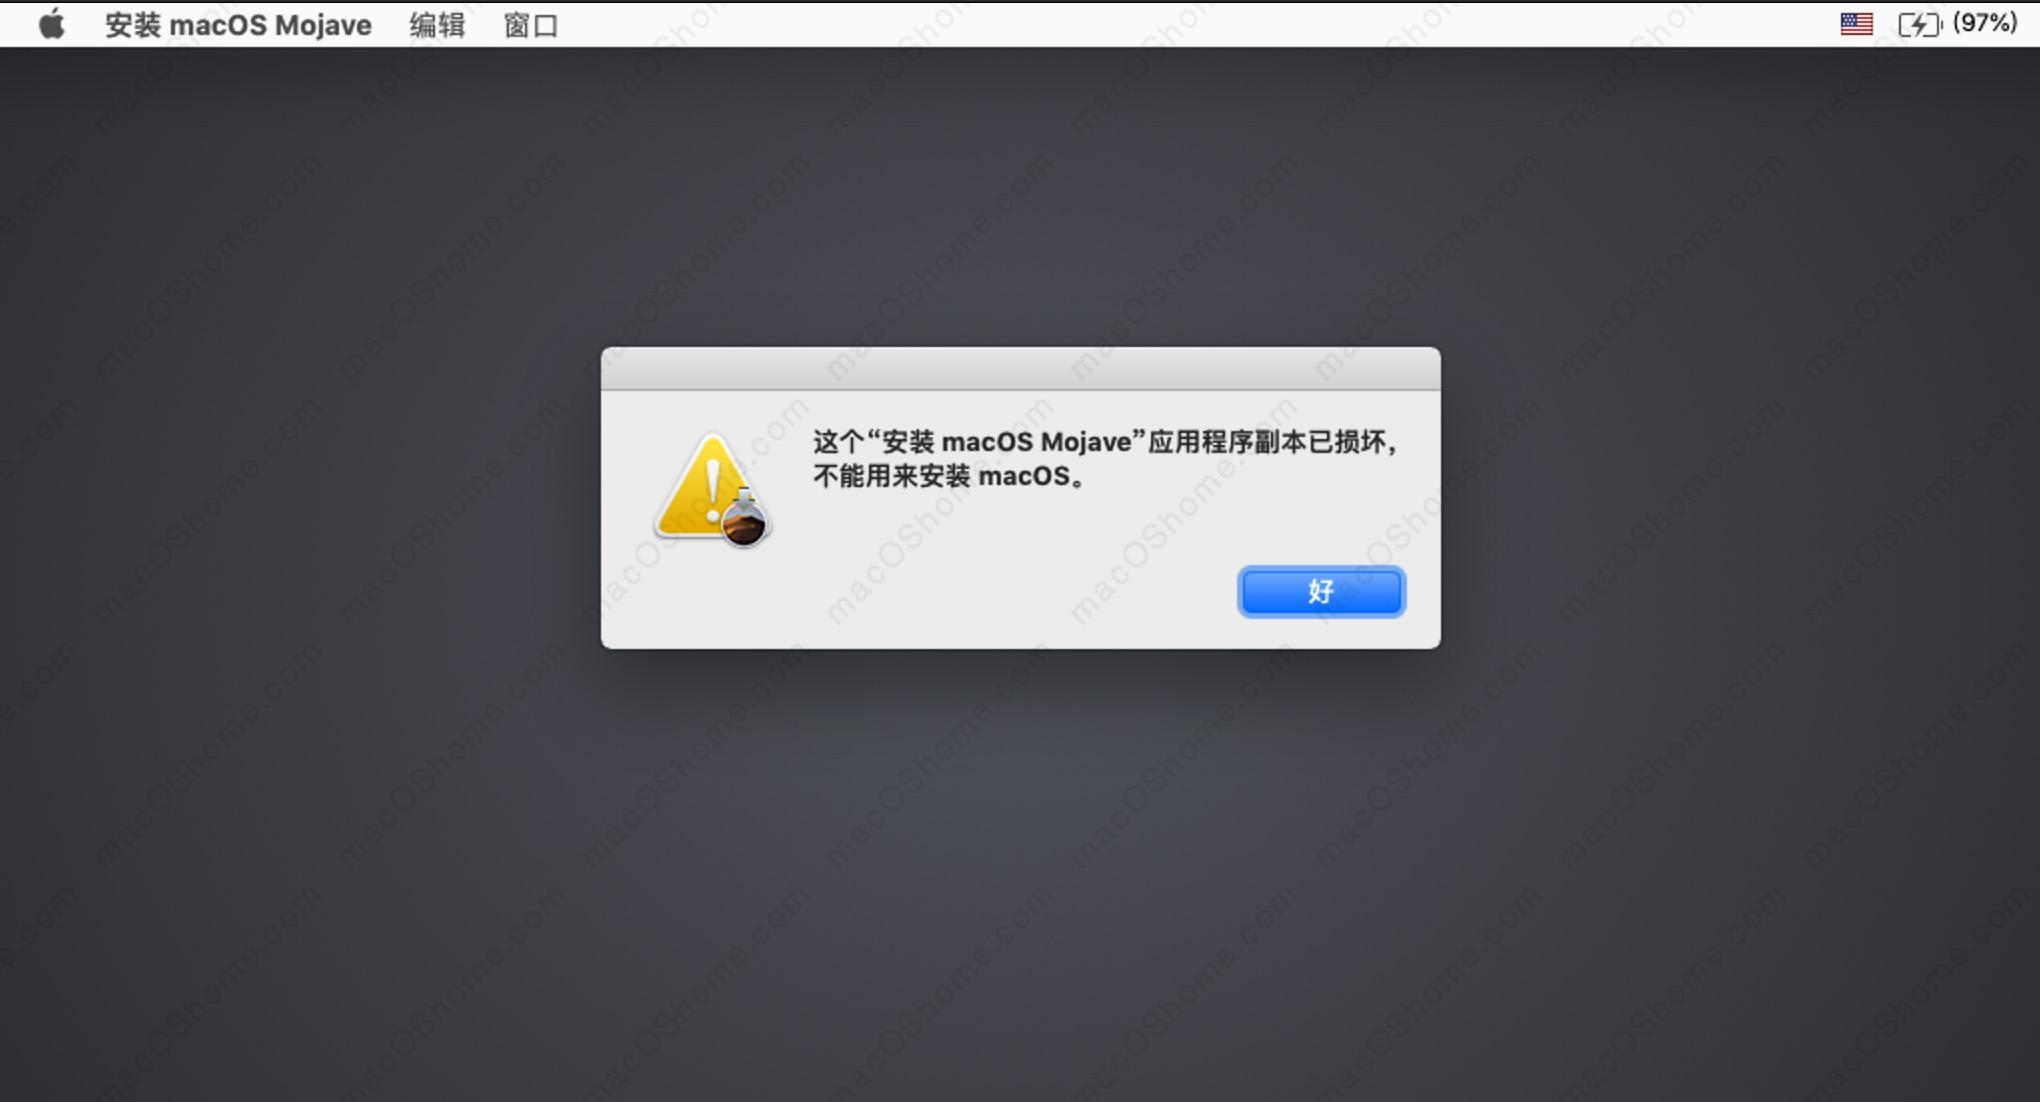 """这个""""安装 macOS Mojave"""" 应用程序副本已损坏,不能用来安装macOS"""